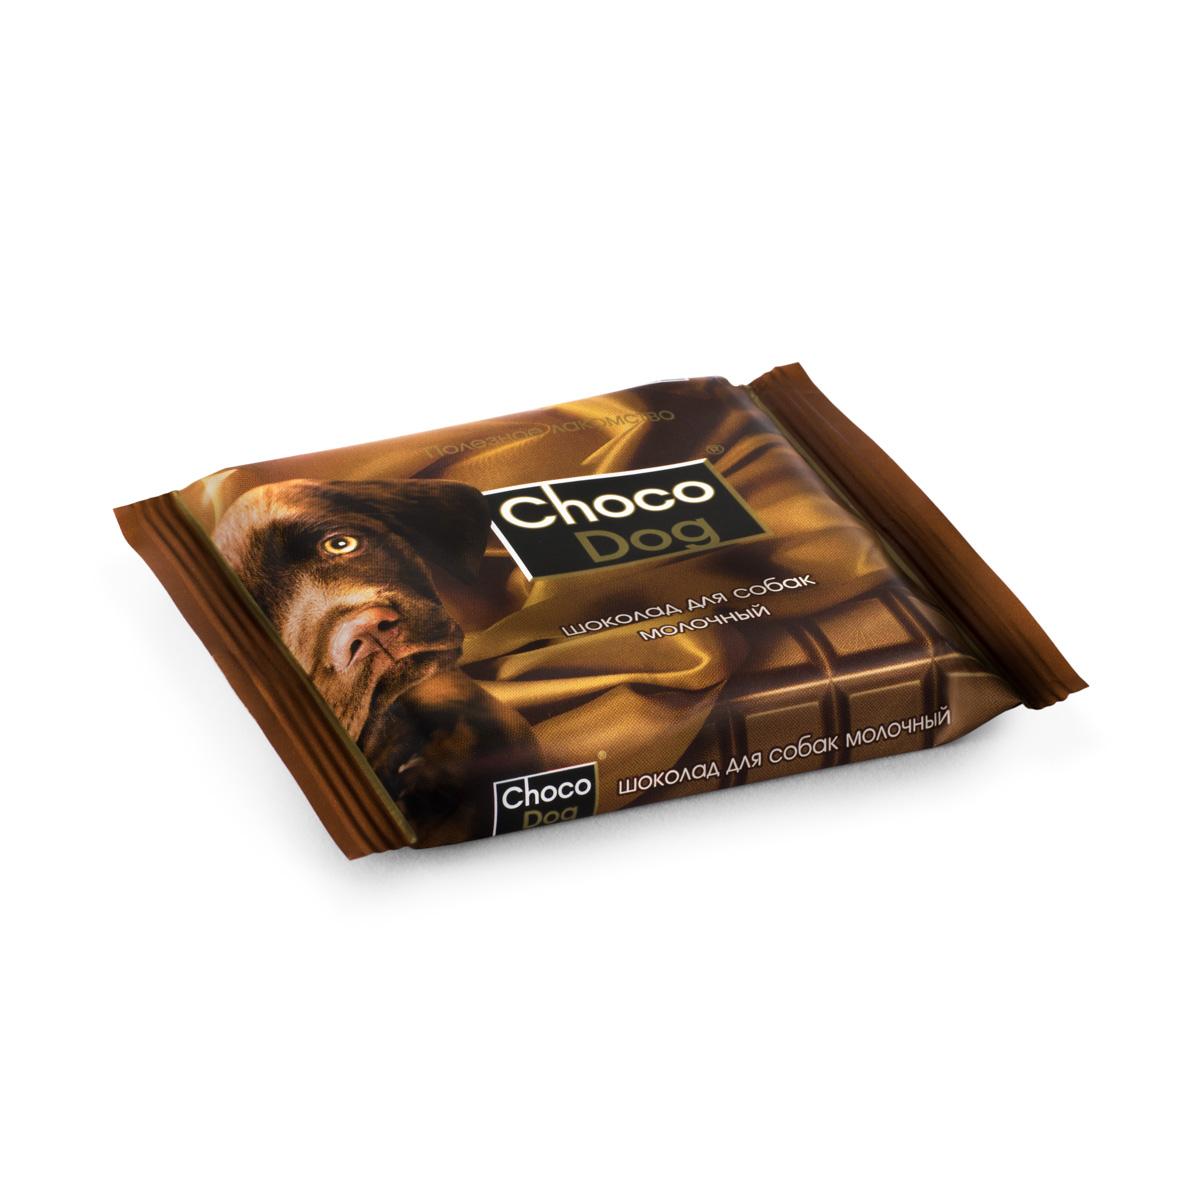 Лакомство для собак VEDA Choco Dog, шоколад молочный, 15 г903Лакомство для собак VEDA Choco Dog представляет собой дополнительный функциональный корм для непродуктивных животных в виде лакомства, предназначенный для использования в качестве лакомства с целью поощрения и дрессуры животных. Сладкое лакомство для собак без вреда для здоровья, так как без какао и сахара.Молочный шоколад содержит значительное количество молока, что благотворно влияет на формирование молодого организма. Поэтому это лакомство будет особенно полезно щенкам.Лакомство для собак VEDA Choco Dog лакомство для собак выпускают штучно в виде плиток.Состав, энергетическая и пищевая ценность: жир растительного происхождения, лактоза, сыворотка молочная сухая, мука плодов рожкового дерева, лецитин, дрожжи пивные сухие, экстракт стевии (стевиозид), добавка пищевая комплексная вкусо-ароматическая.Кормовая ценность на 100 г (не менее): жиры 40 г, углеводы 39 г.Энергетическая ценность в 100 г: 525 ккал.Товар сертифицирован.